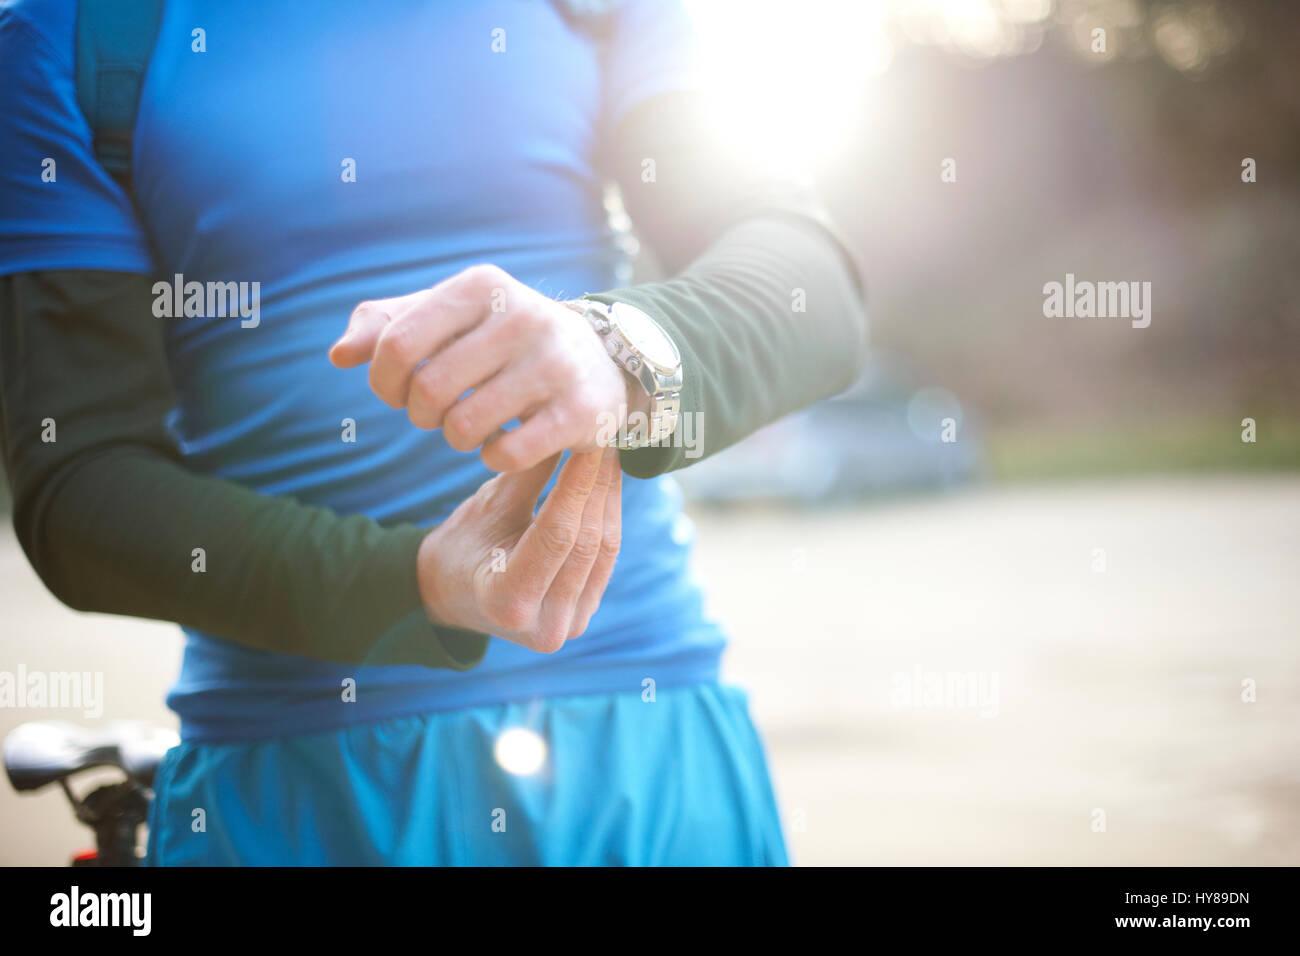 Ein Mann nimmt sich seine Uhr vor dem Training Stockbild